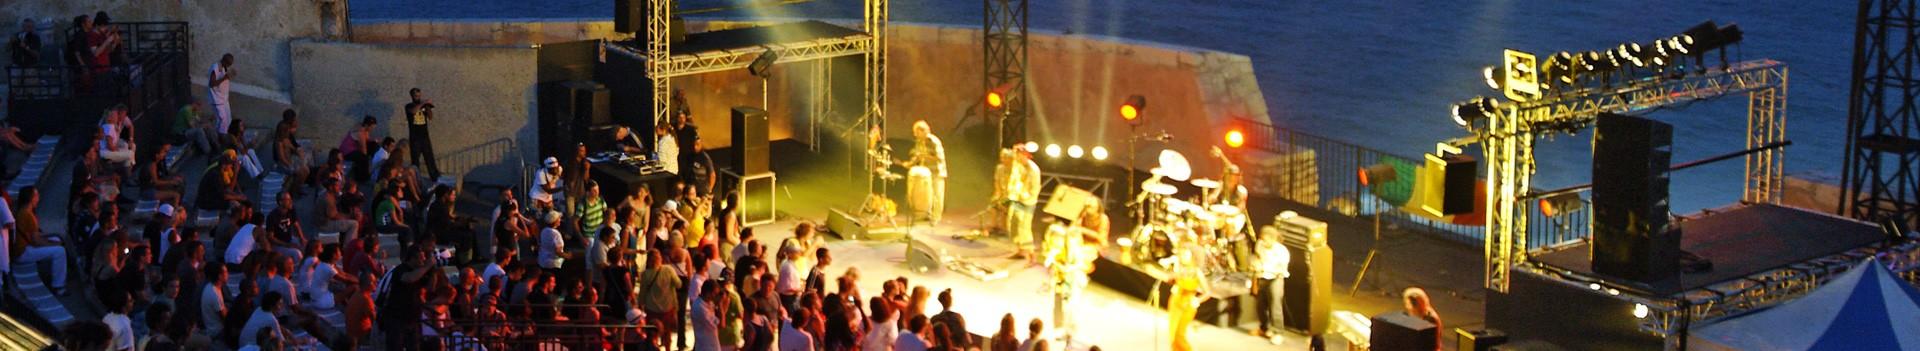 culture-soiree-theatre-de-la mer